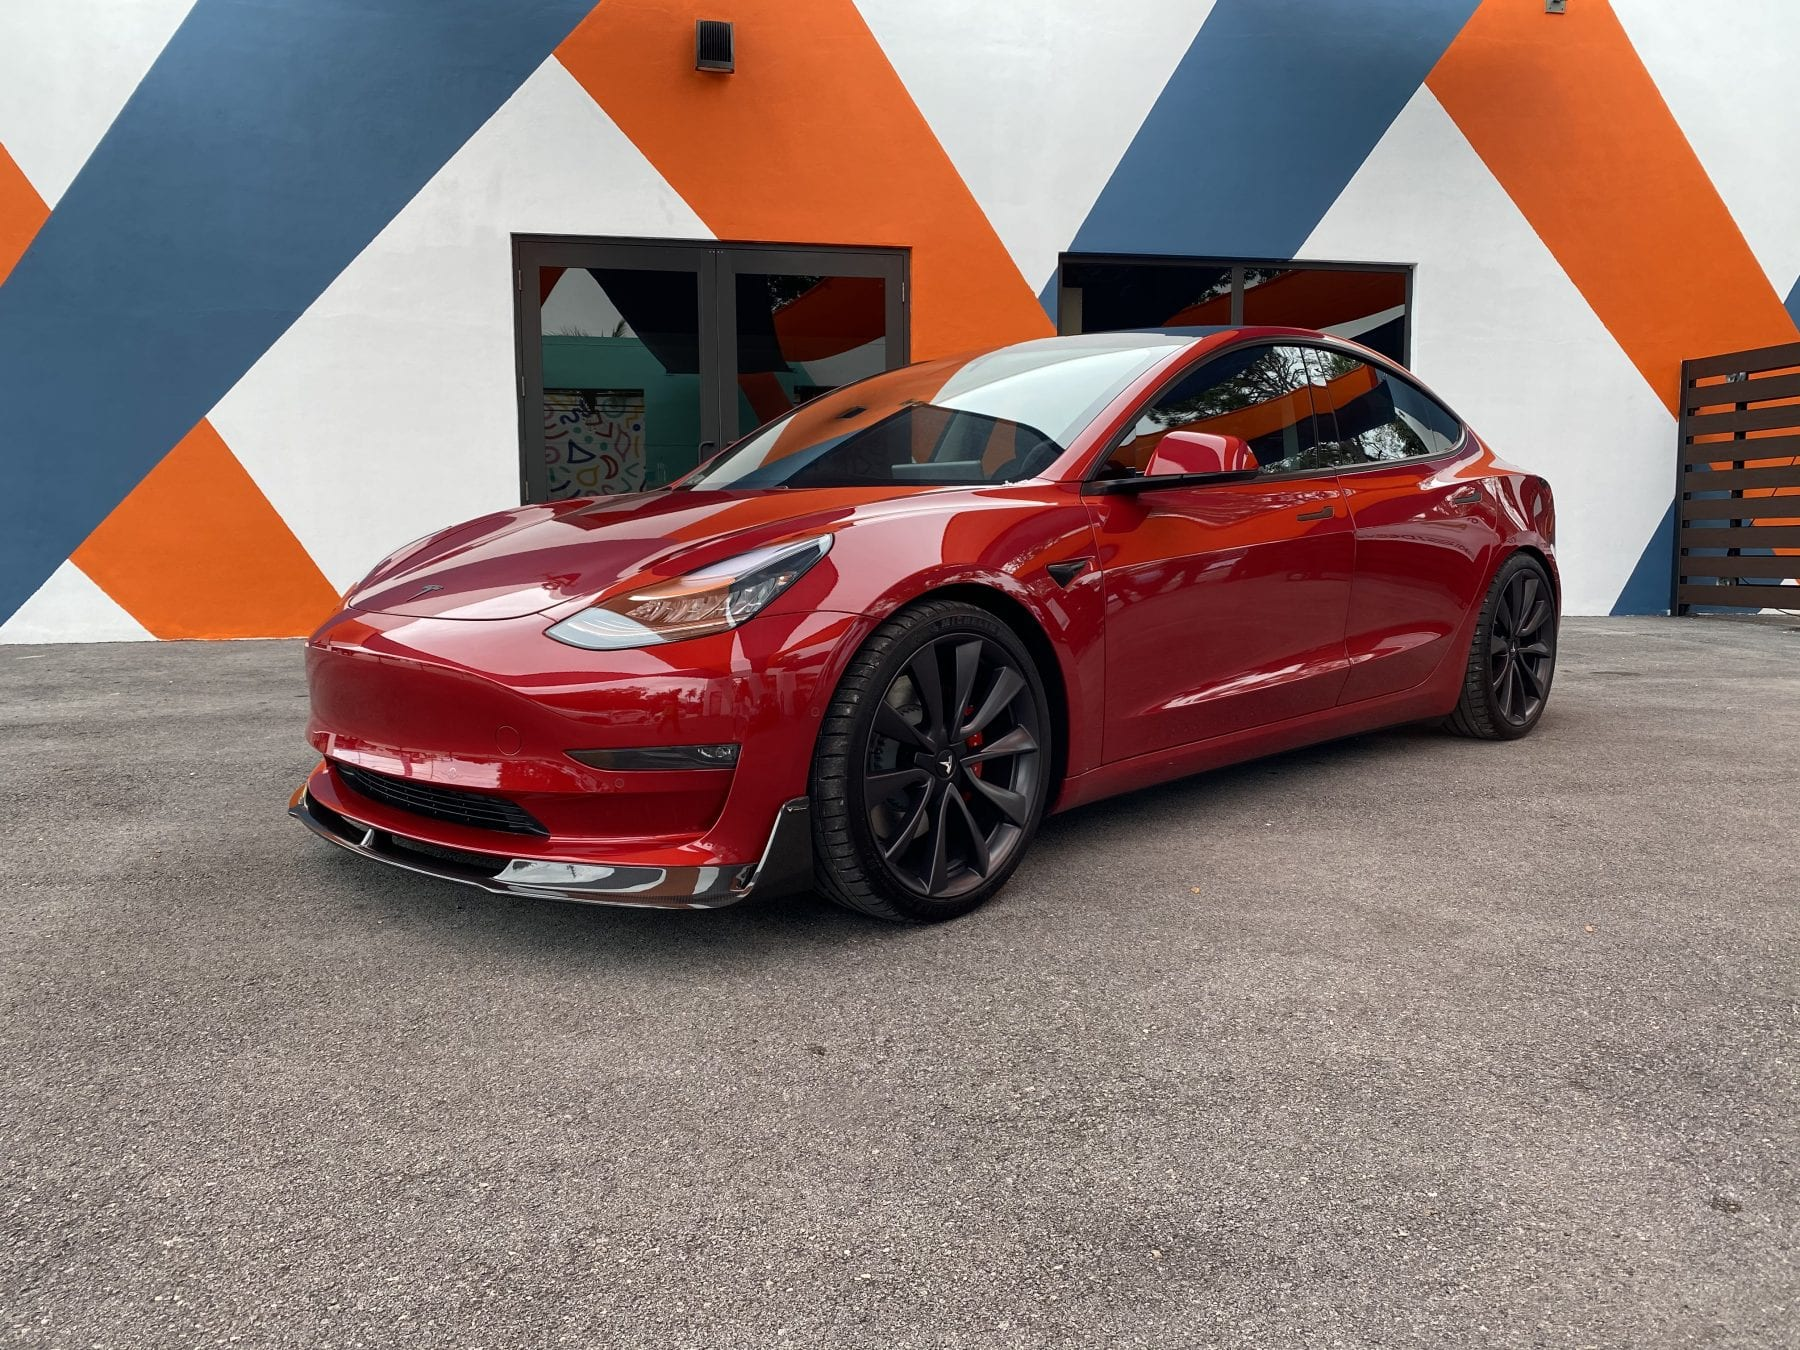 Red Tesla Model 3